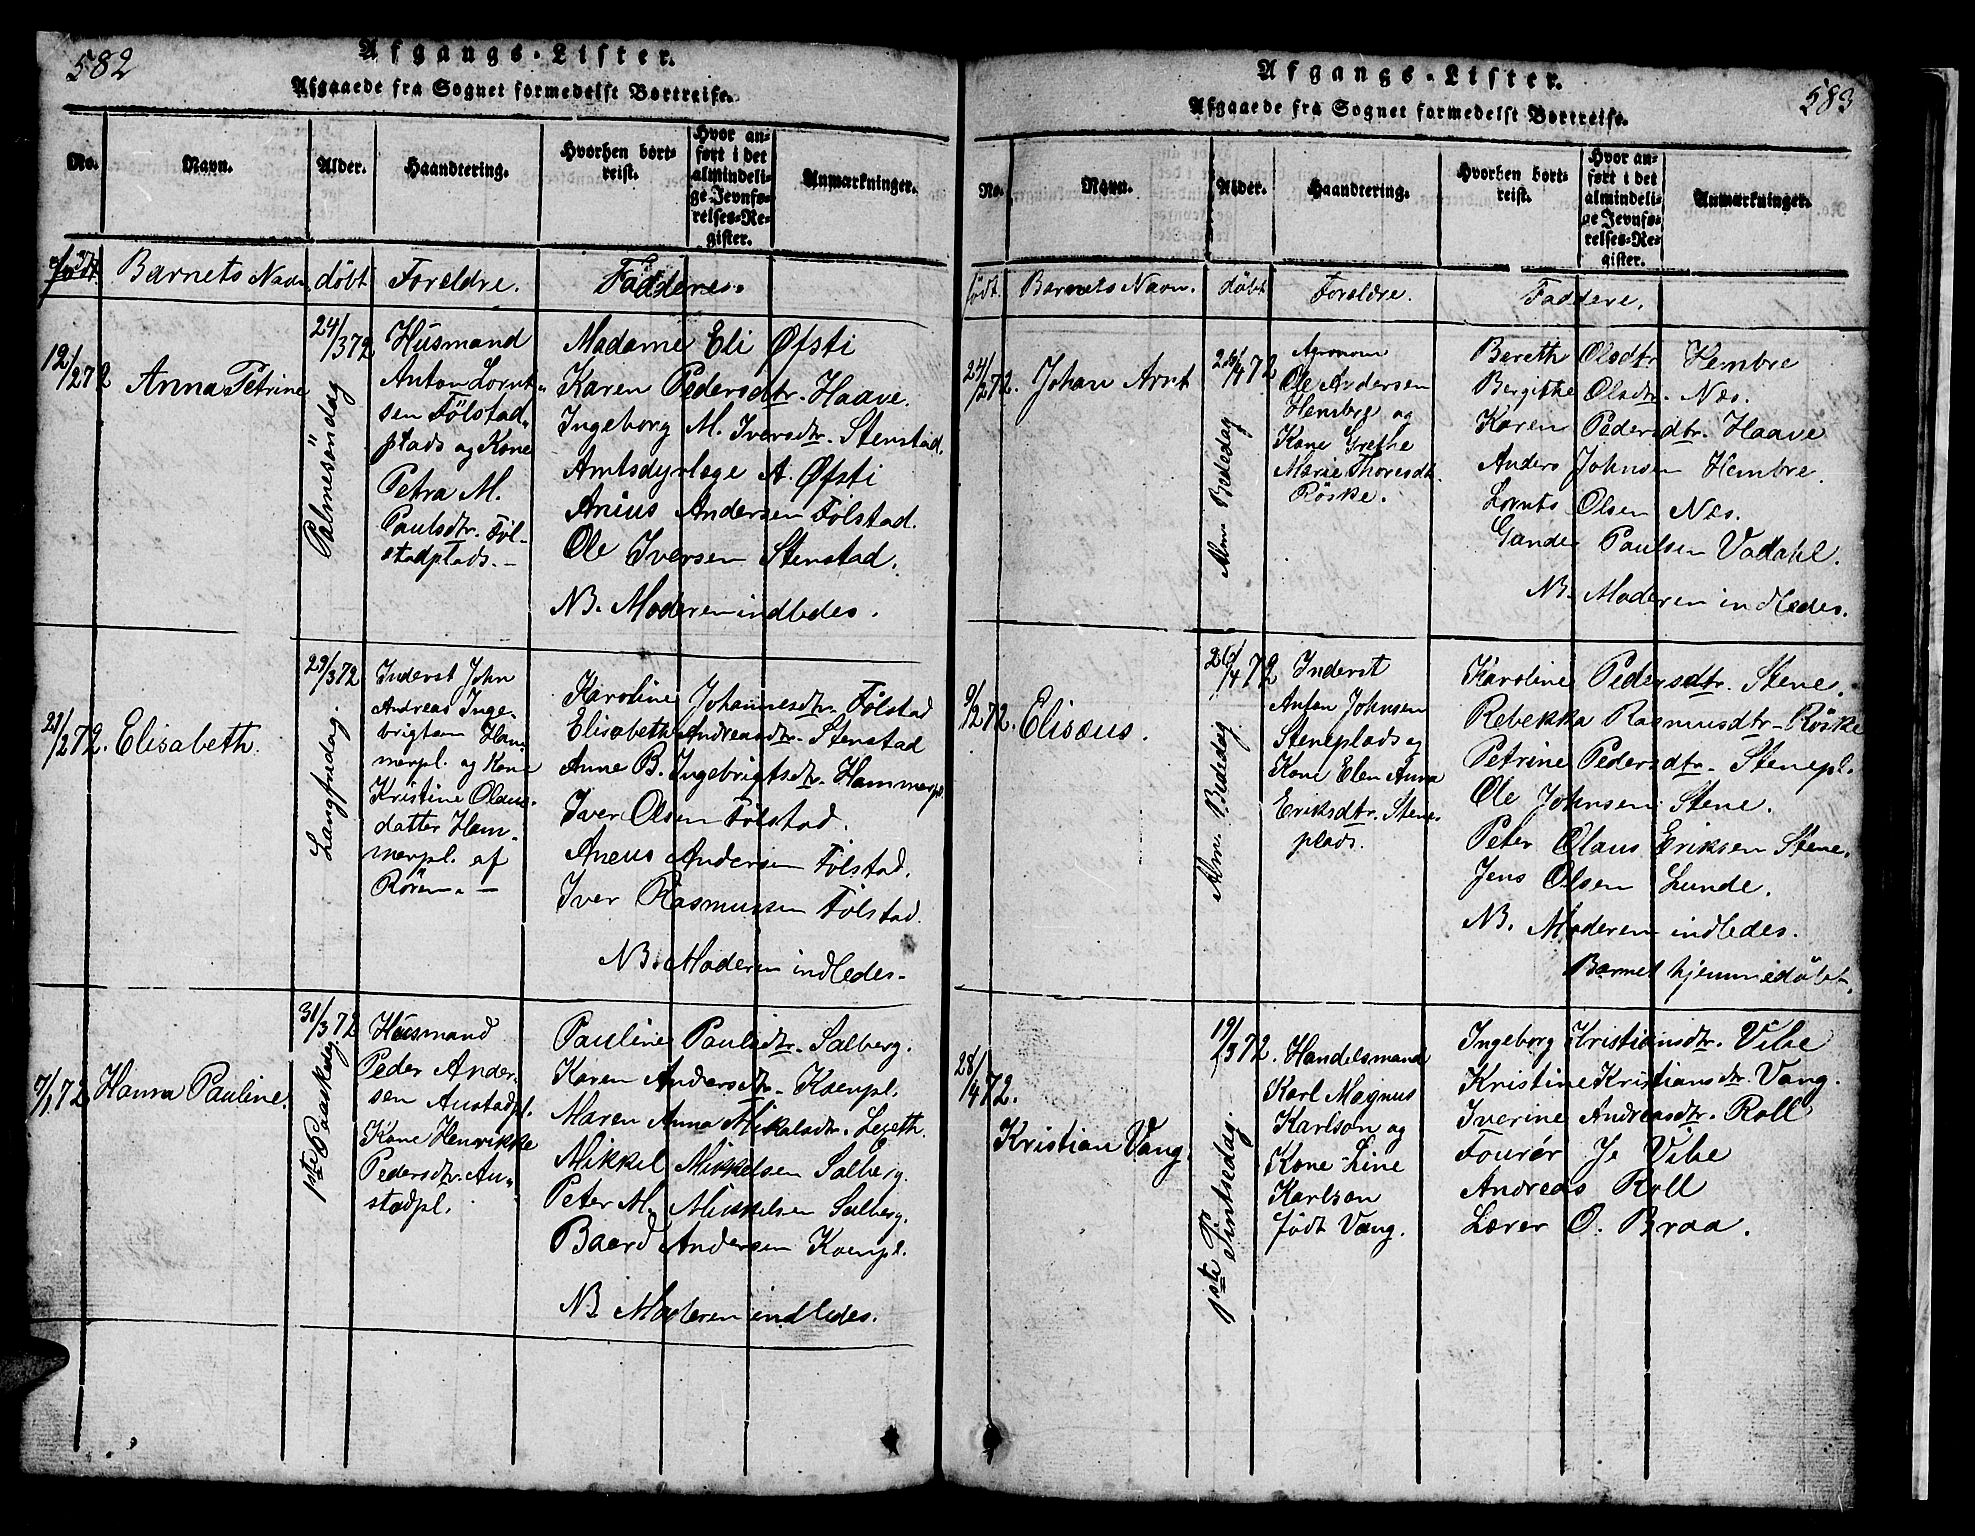 SAT, Ministerialprotokoller, klokkerbøker og fødselsregistre - Nord-Trøndelag, 731/L0310: Klokkerbok nr. 731C01, 1816-1874, s. 582-583